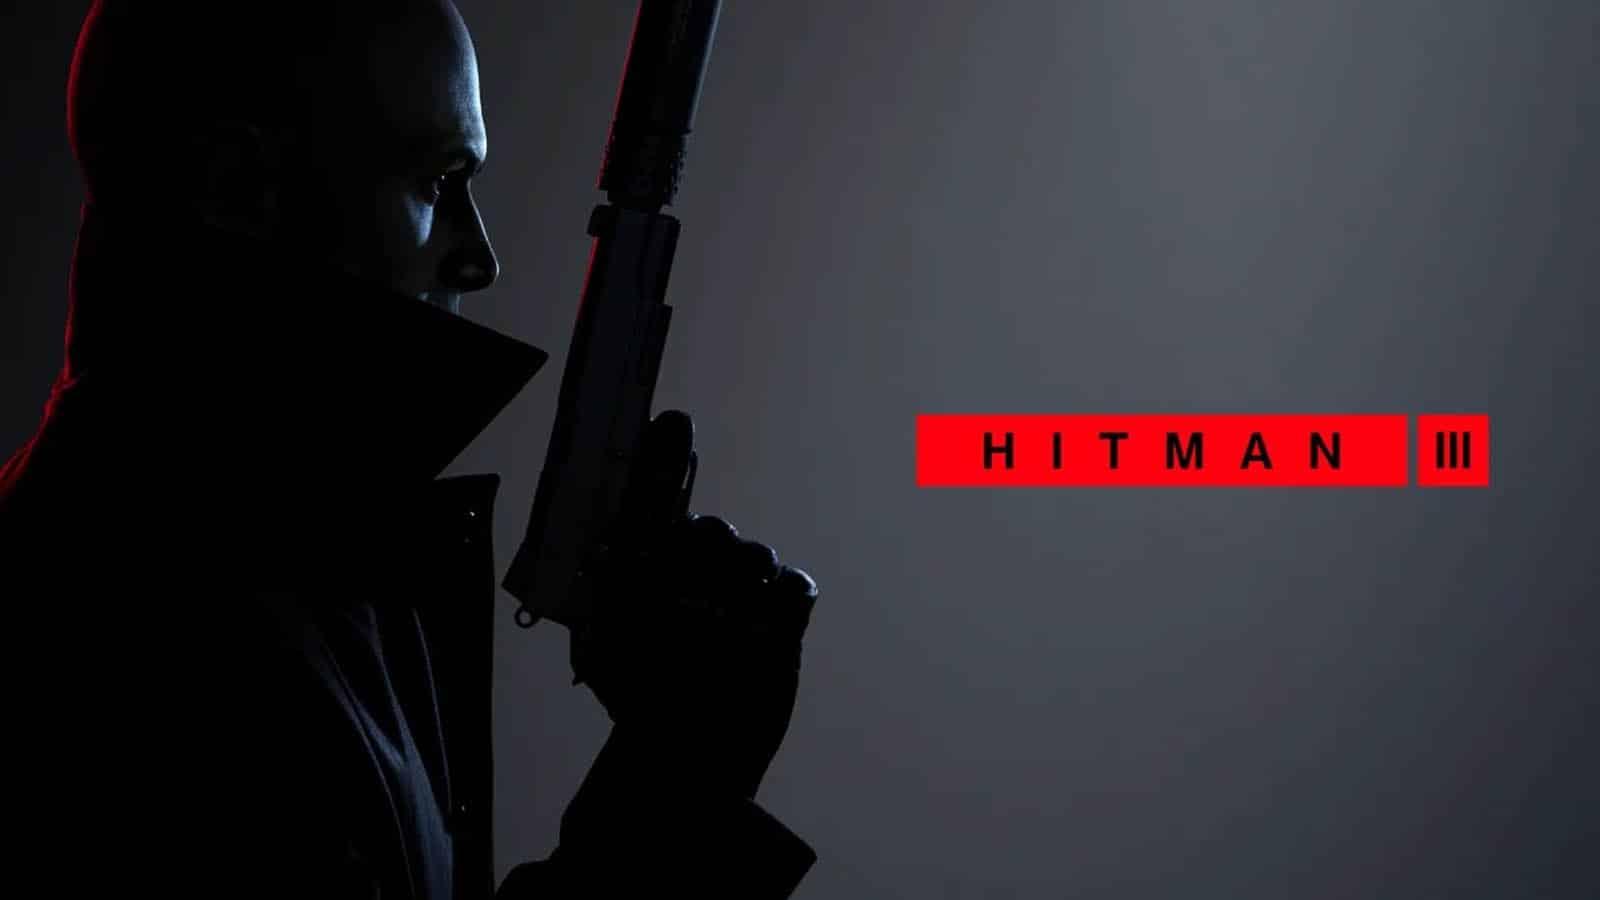 hitman 3 game january 2021